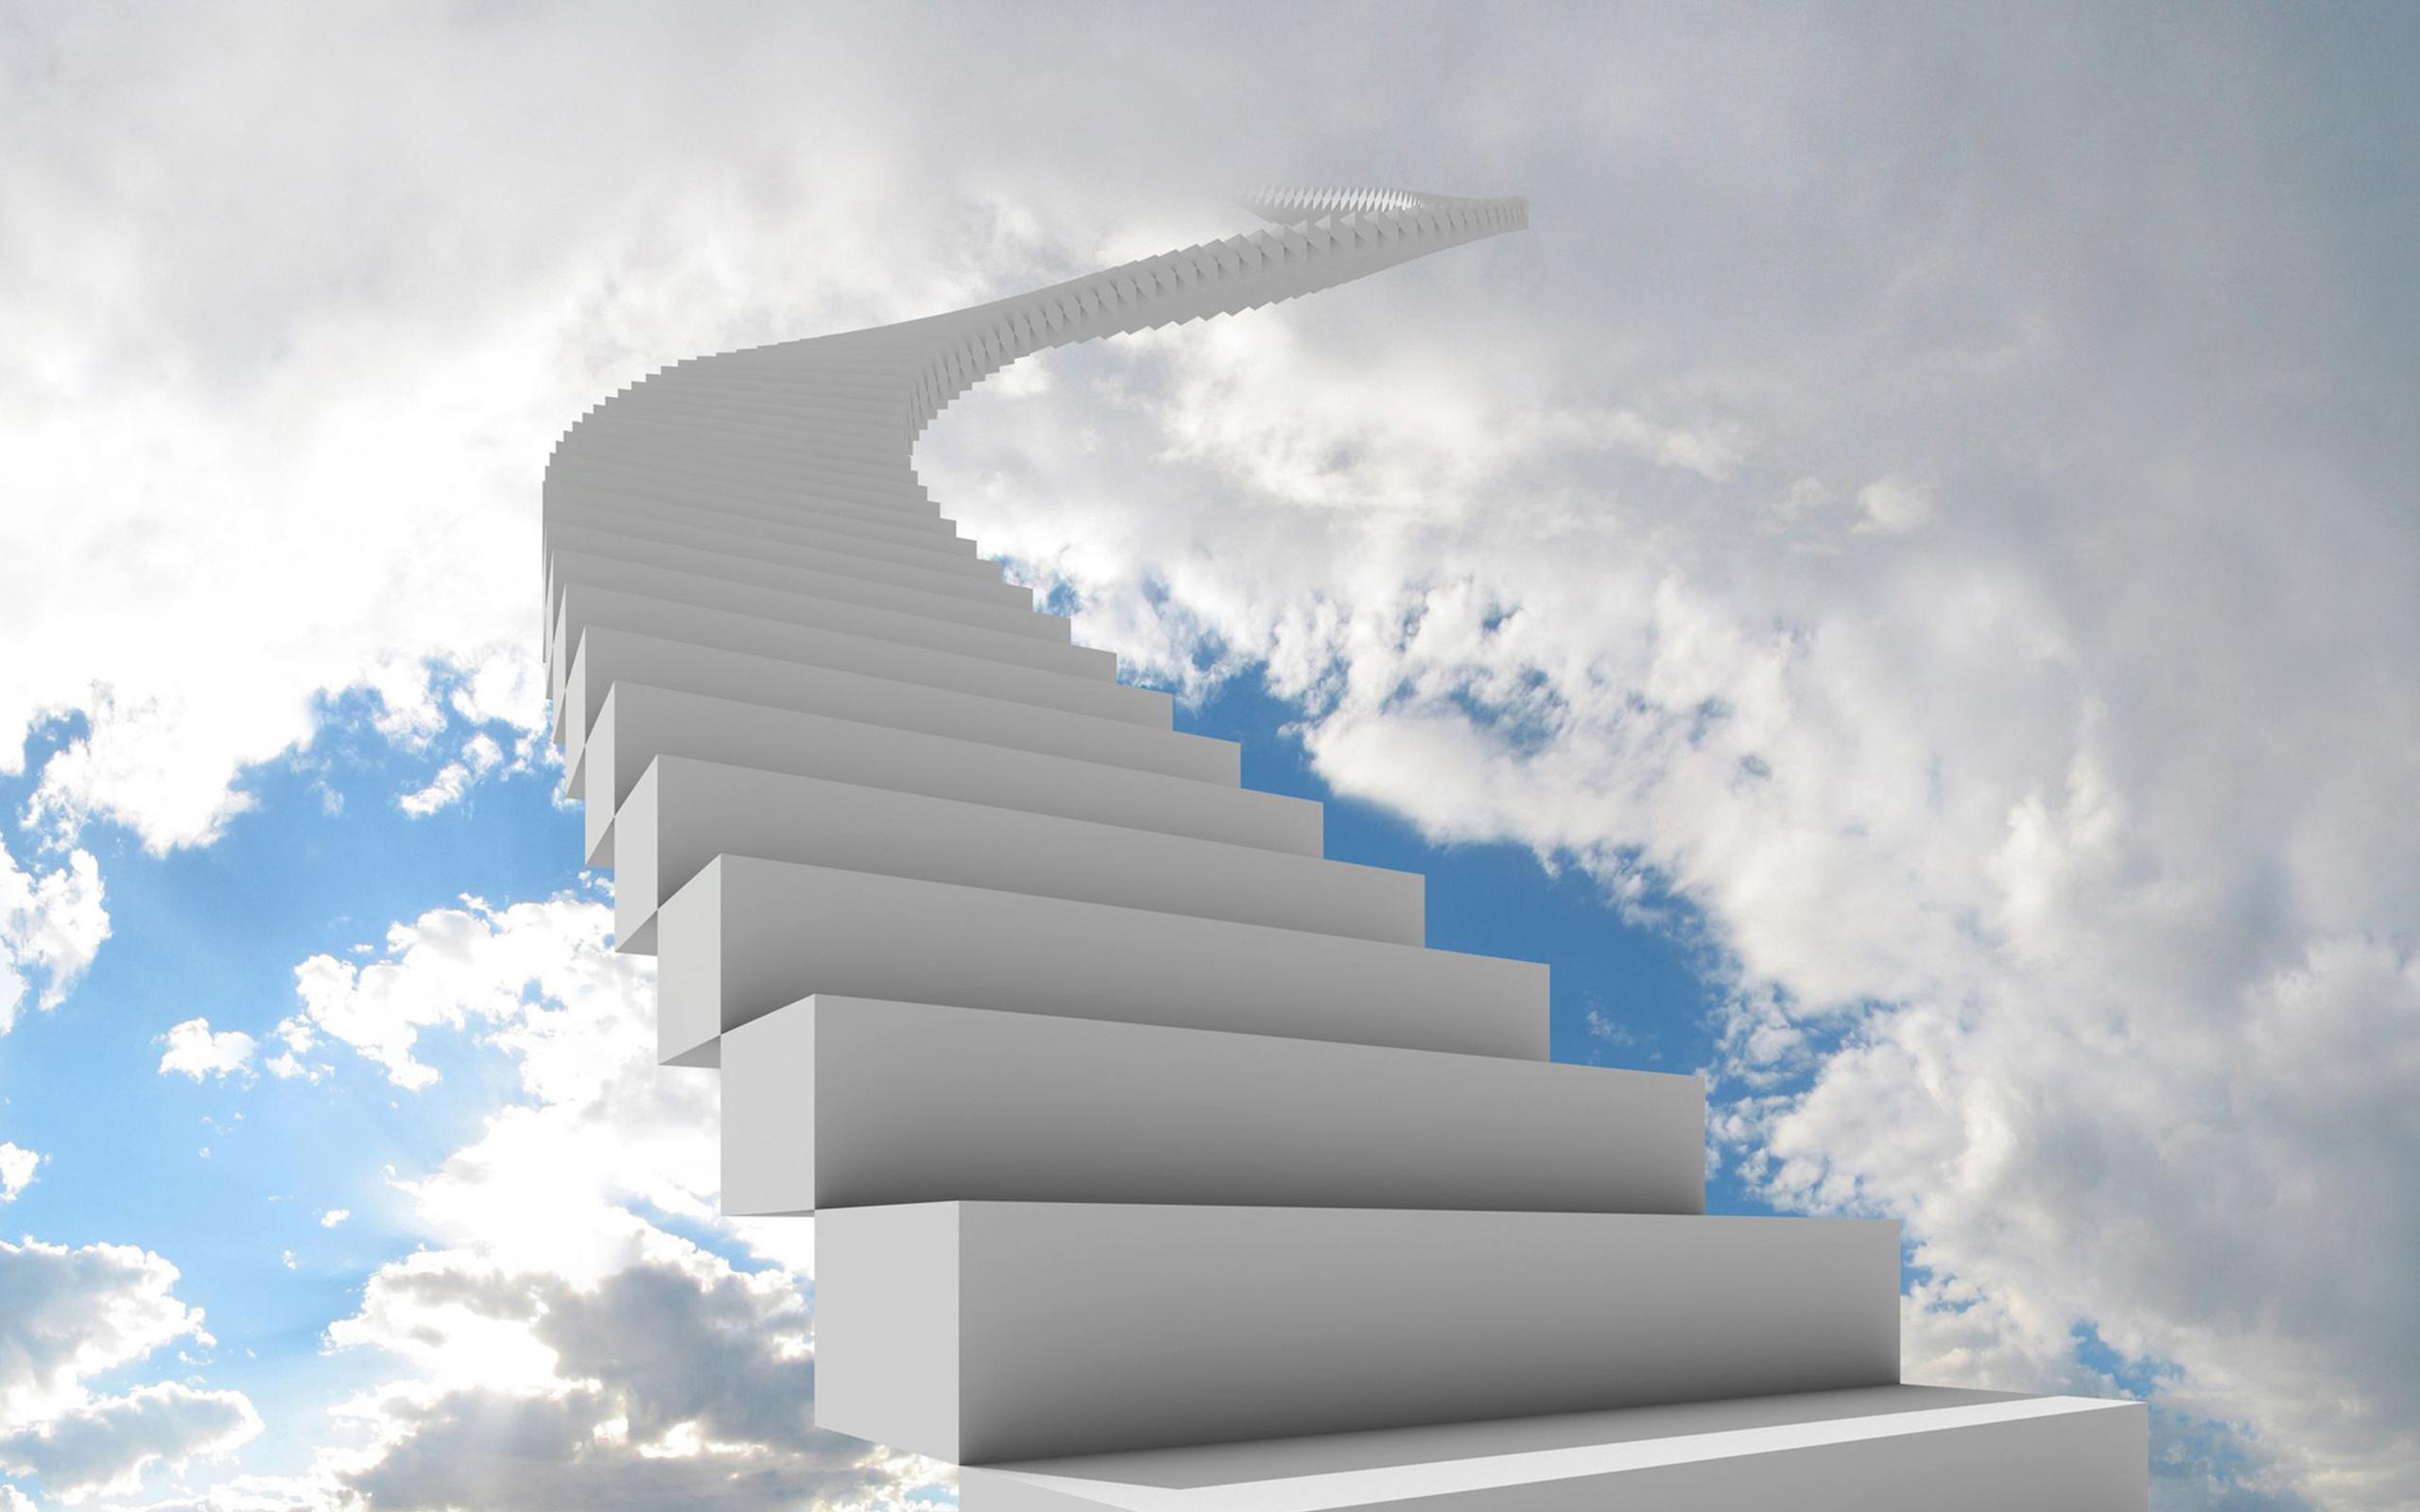 https://www.rabstol.net/uploads/gallery/main/542/rabstol_net_stairs_07.jpg